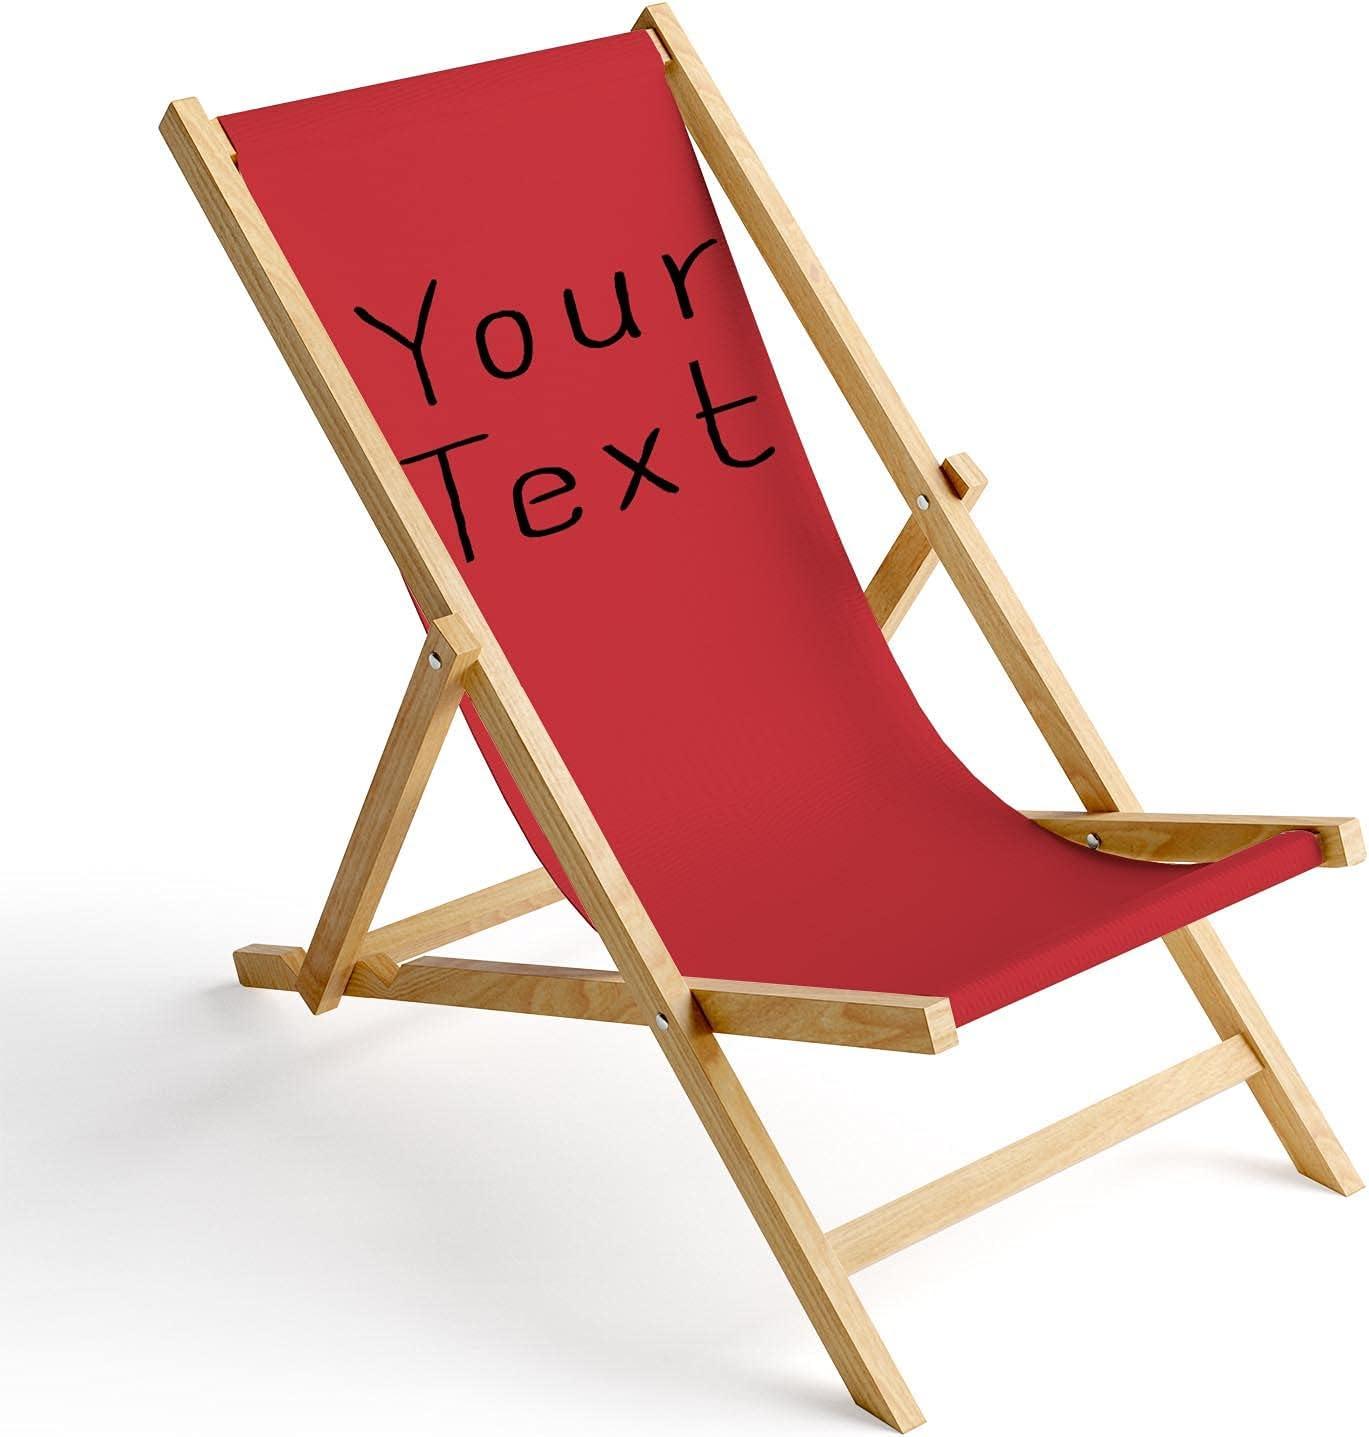 Ferocity Tumbona de Madera Plegable, Silla de Playa con Funda Intercambiable, diseño Su Texto Rojo 1 [119]